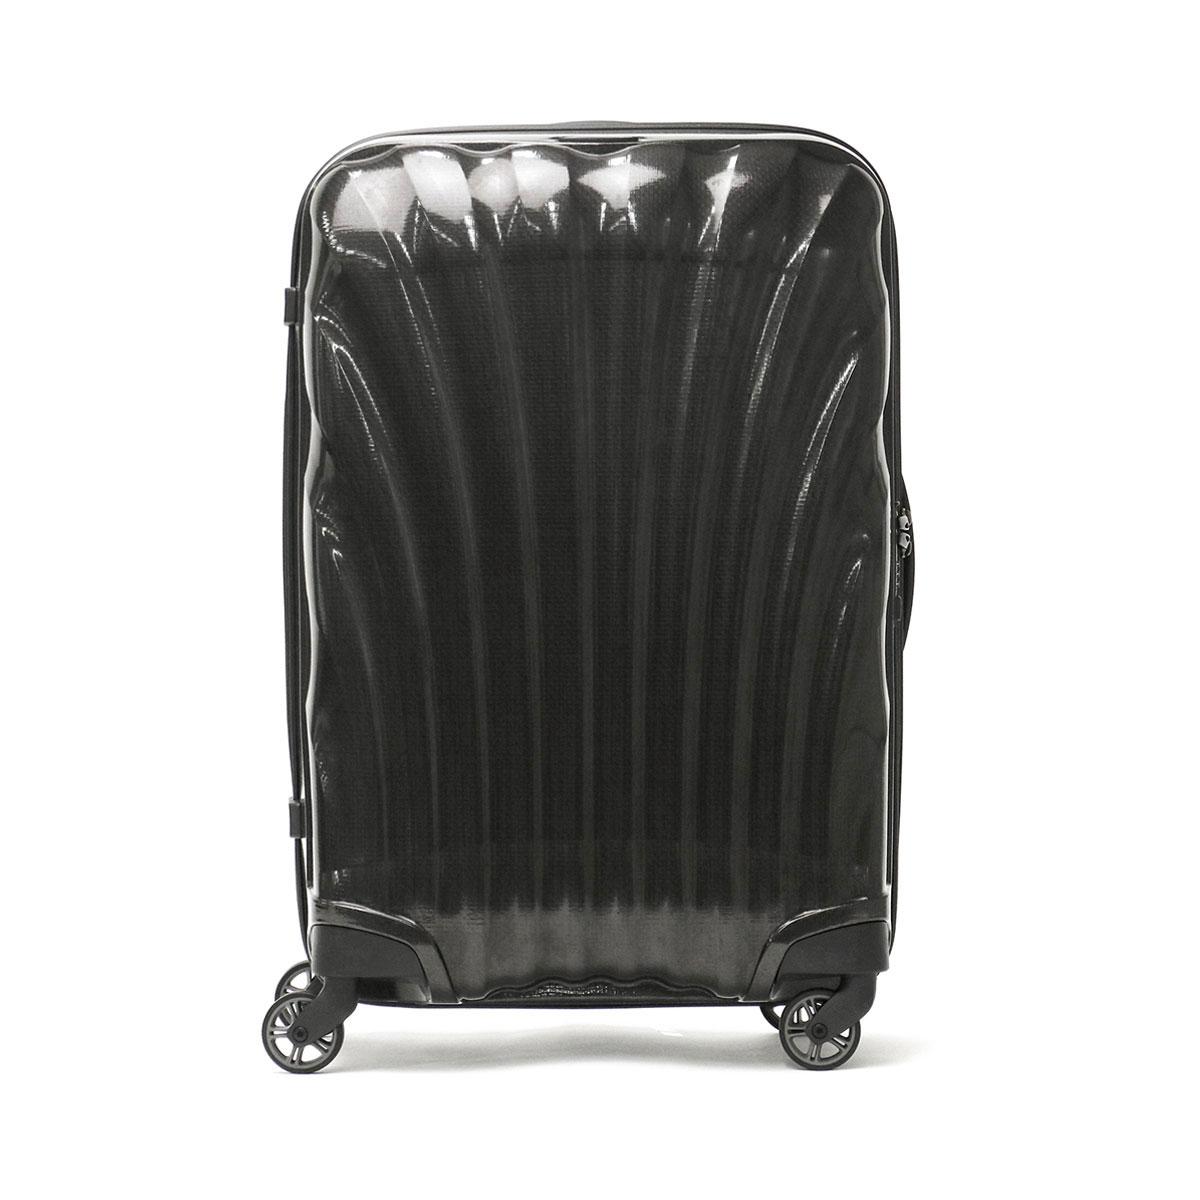 「日本正規品」Samsonite サムソナイト Cosmolite Spinner 69 スーツケース 68L V22-306